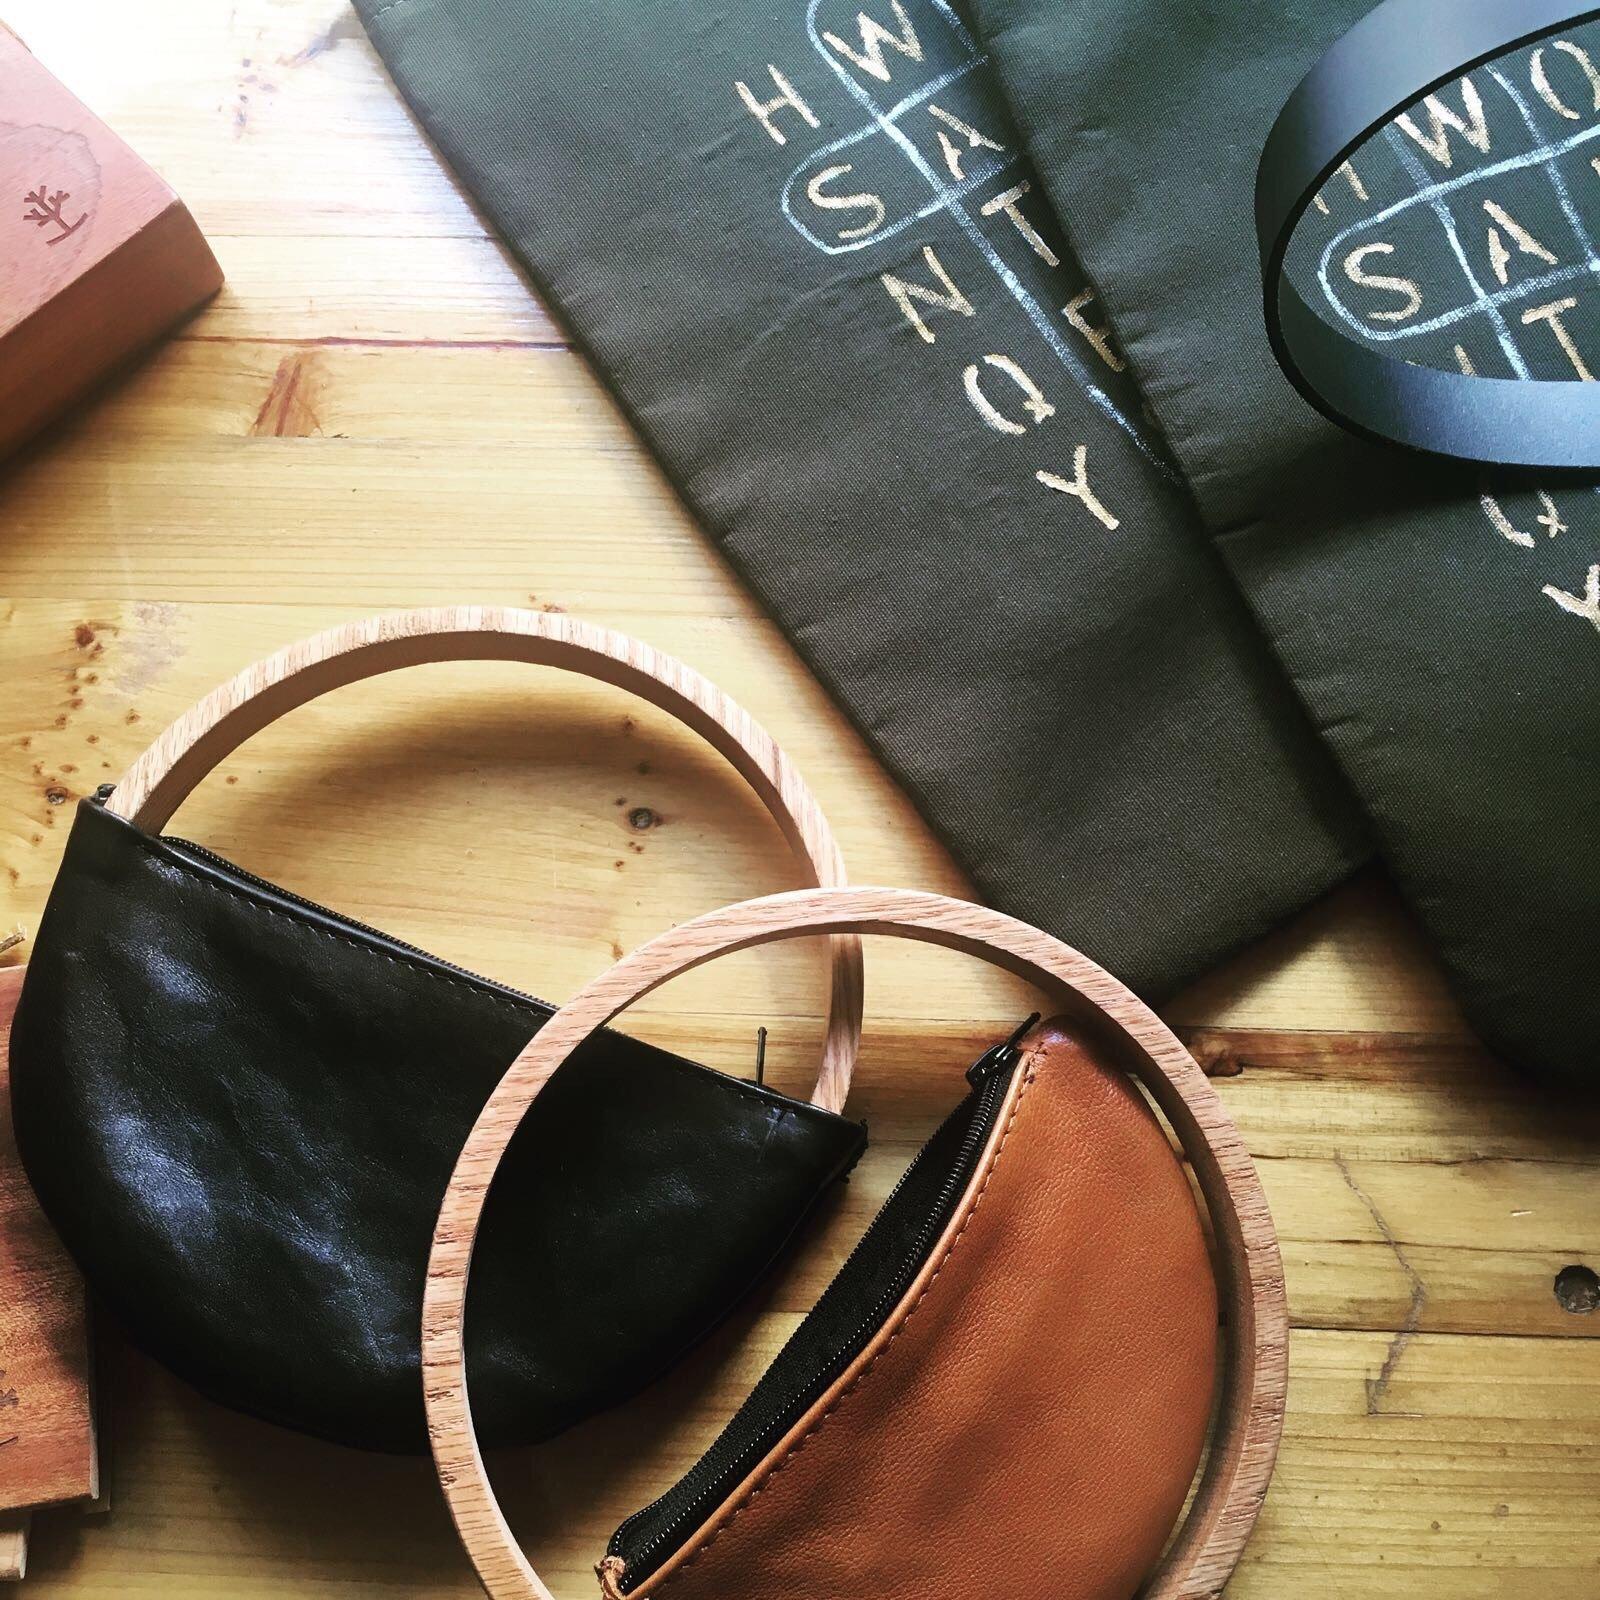 كينا ماركة حقائب مبتكرة للمصممة شادن دعاس